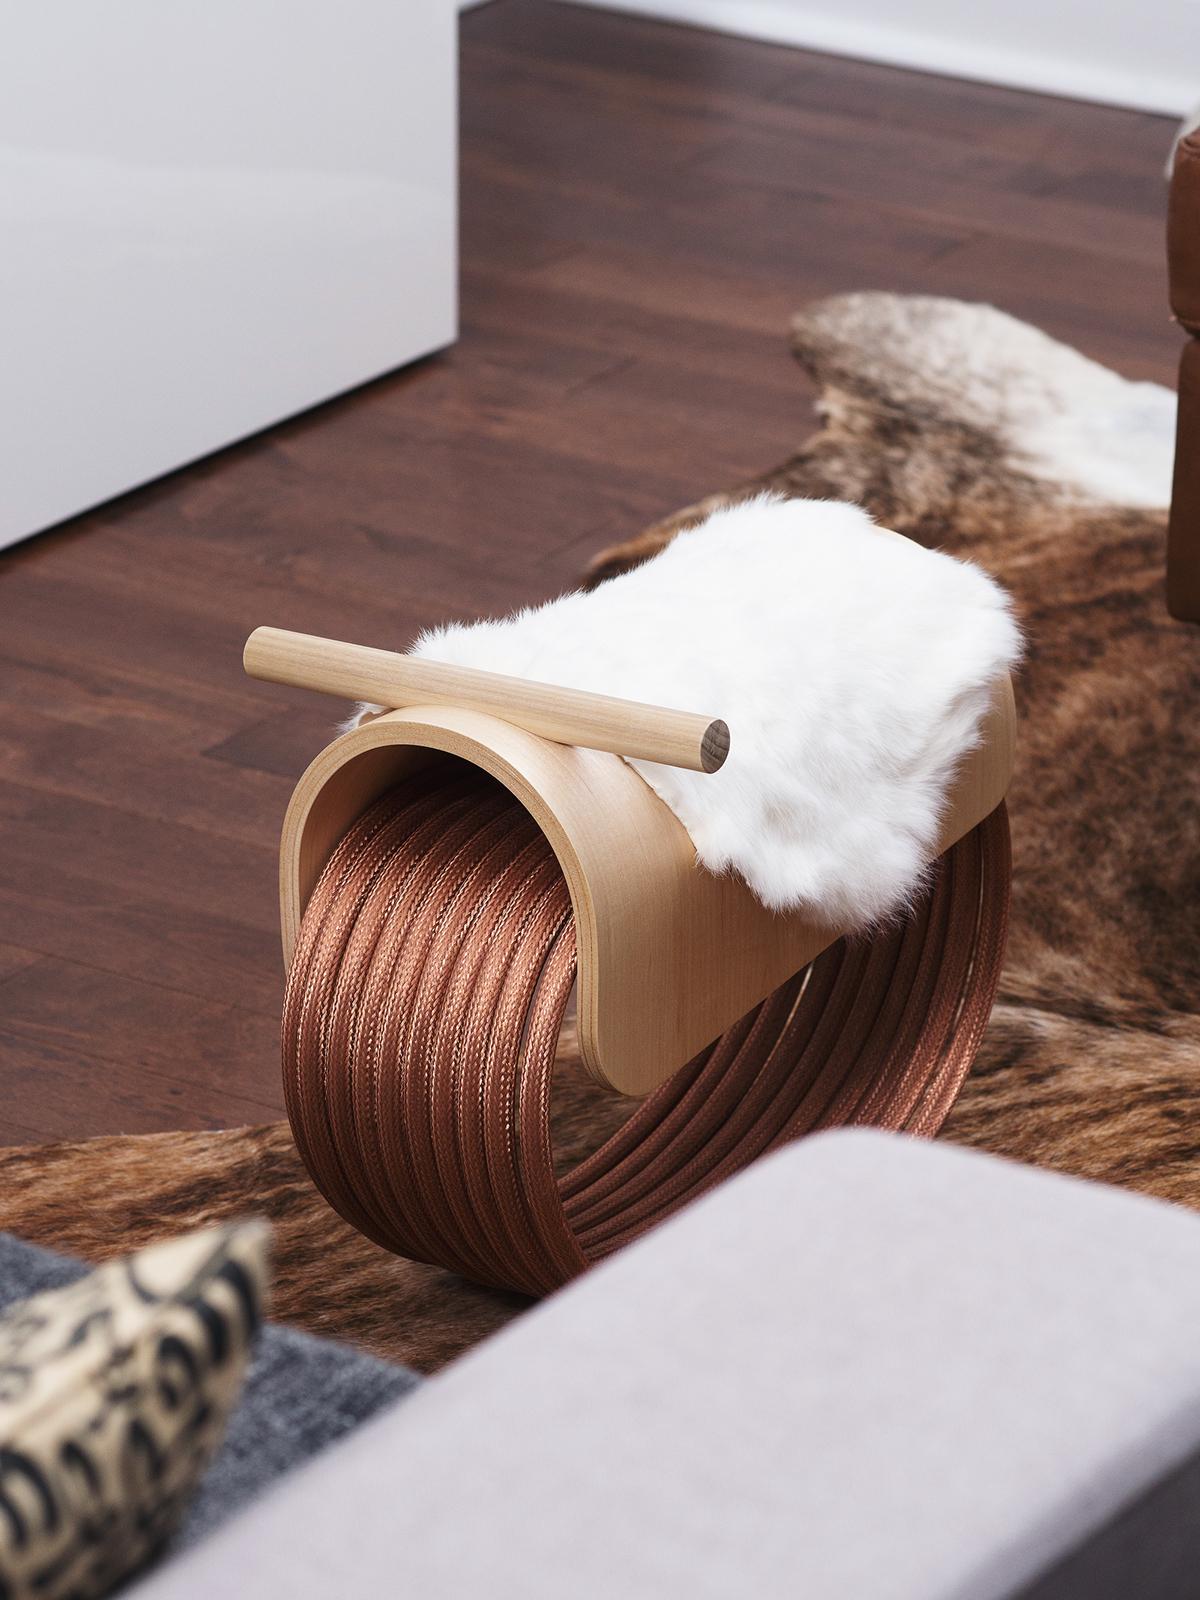 industrialdesign furniture children toy wood copper